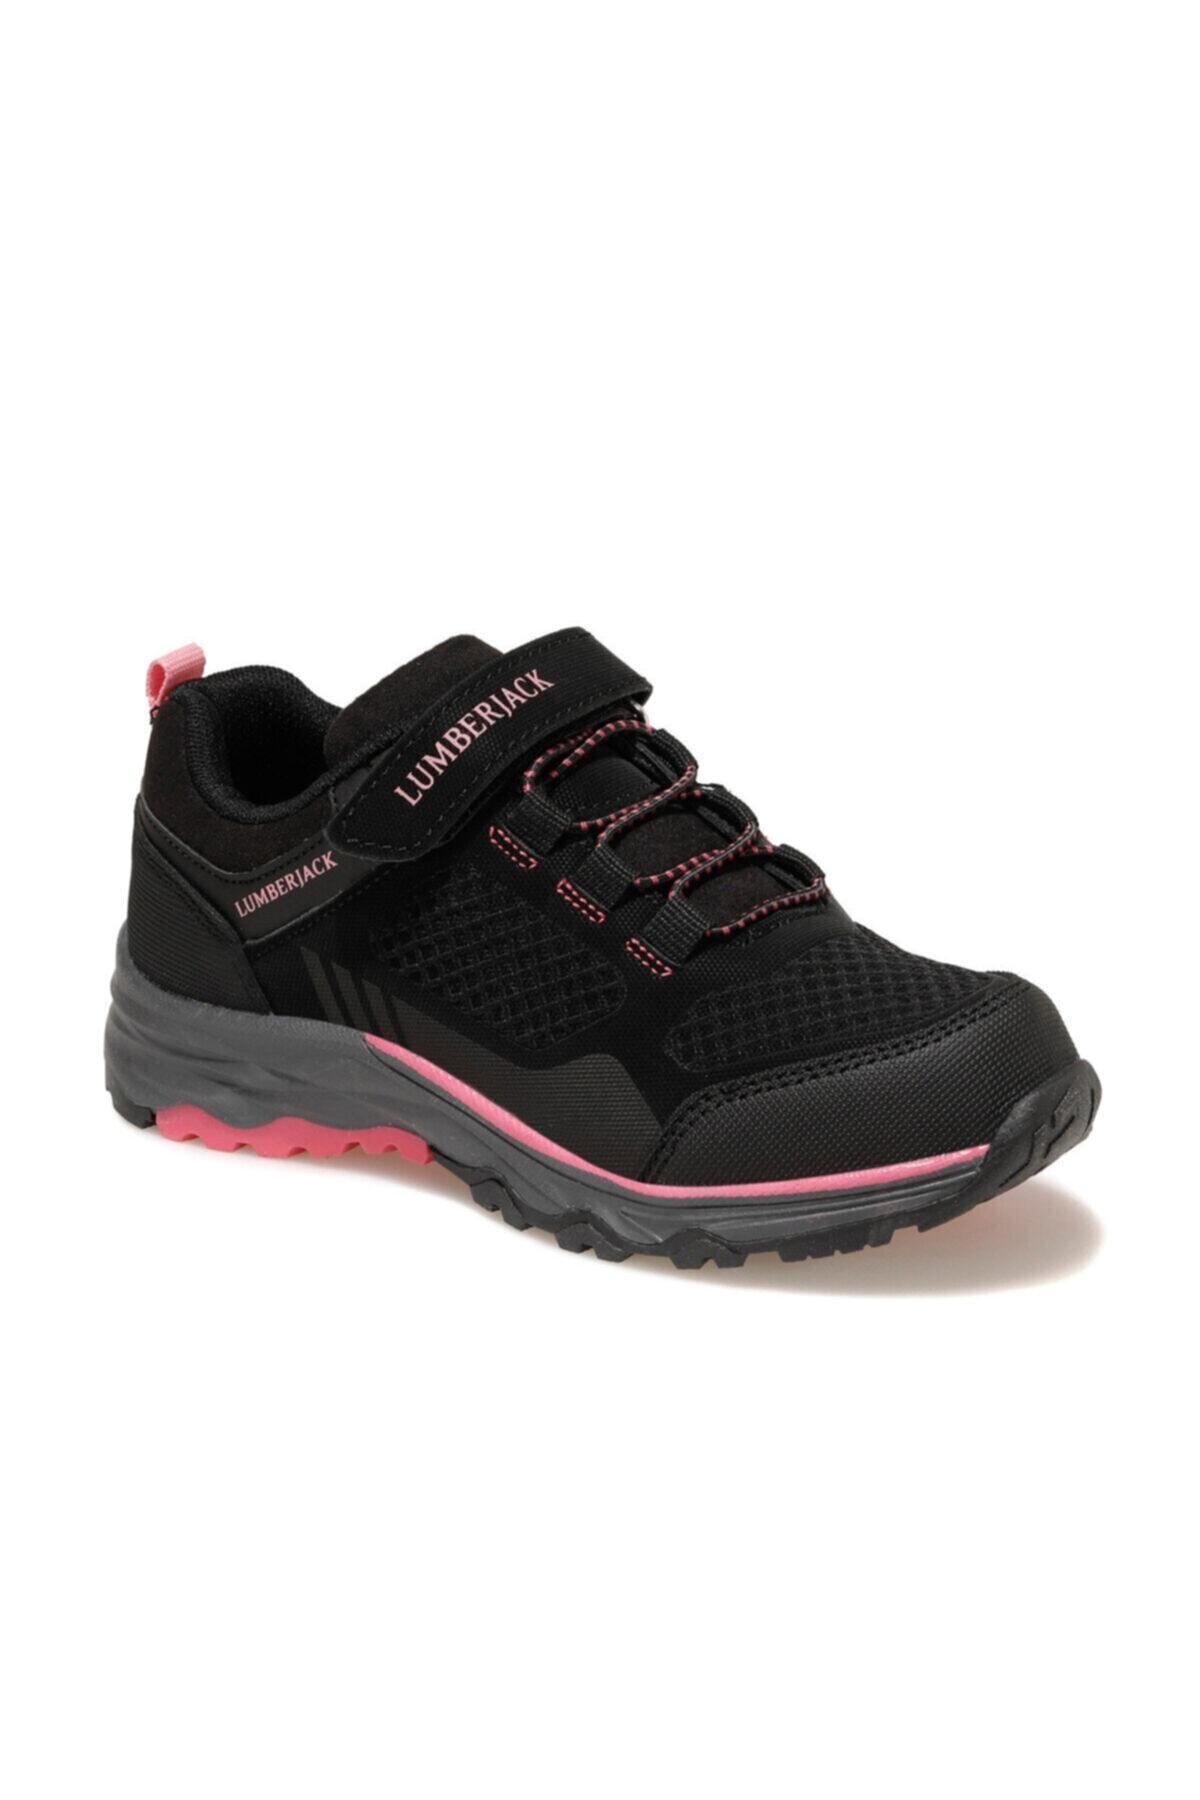 lumberjack BLANKA Siyah Kız Çocuk Yürüyüş Ayakkabısı 100554235 1